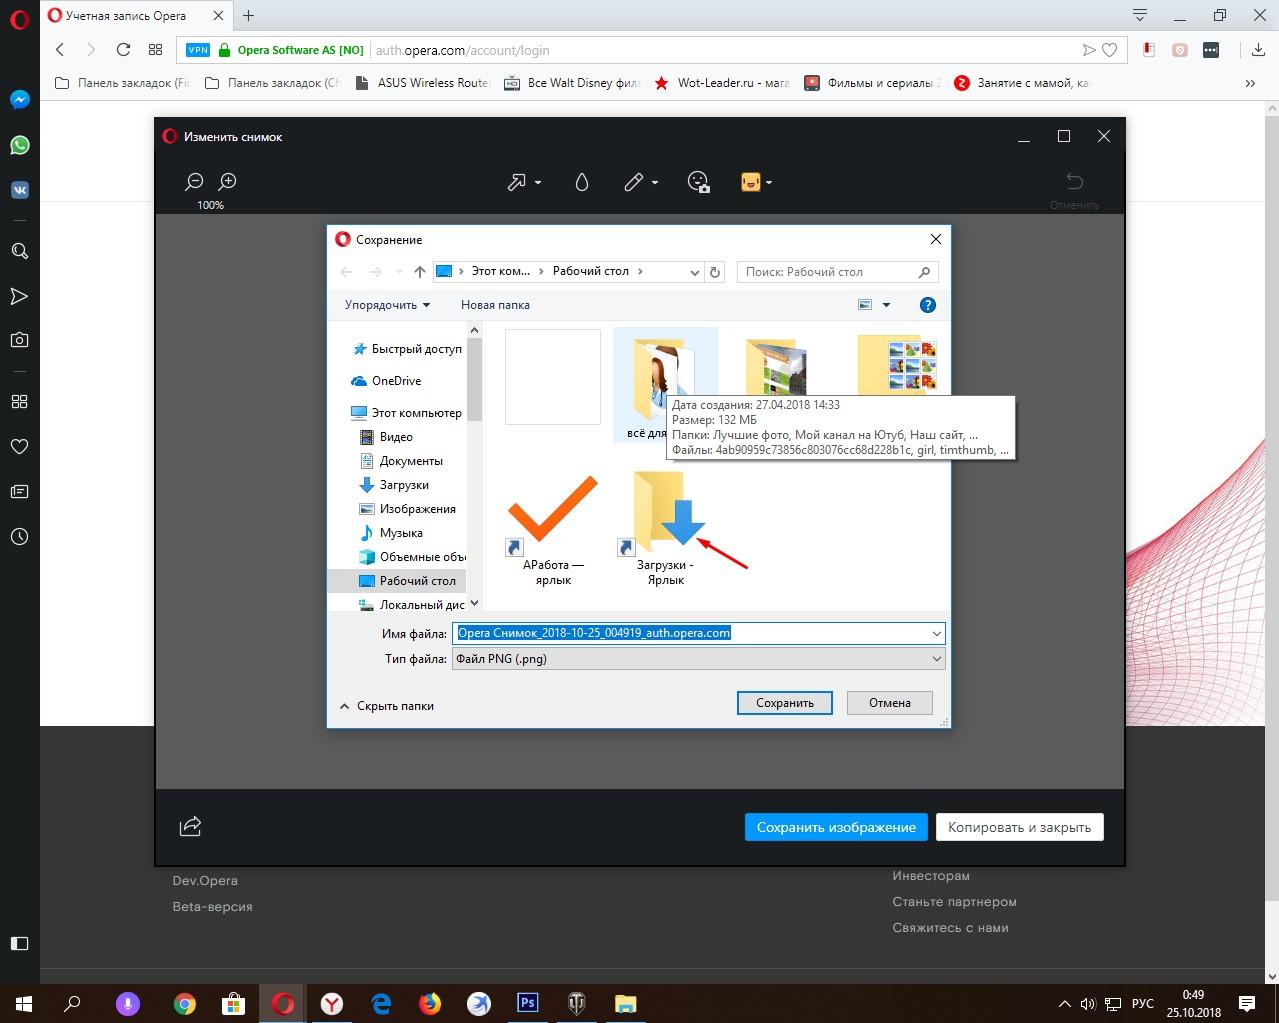 После создания скриншота программа спрашивает, куда сохранять полученное изображение